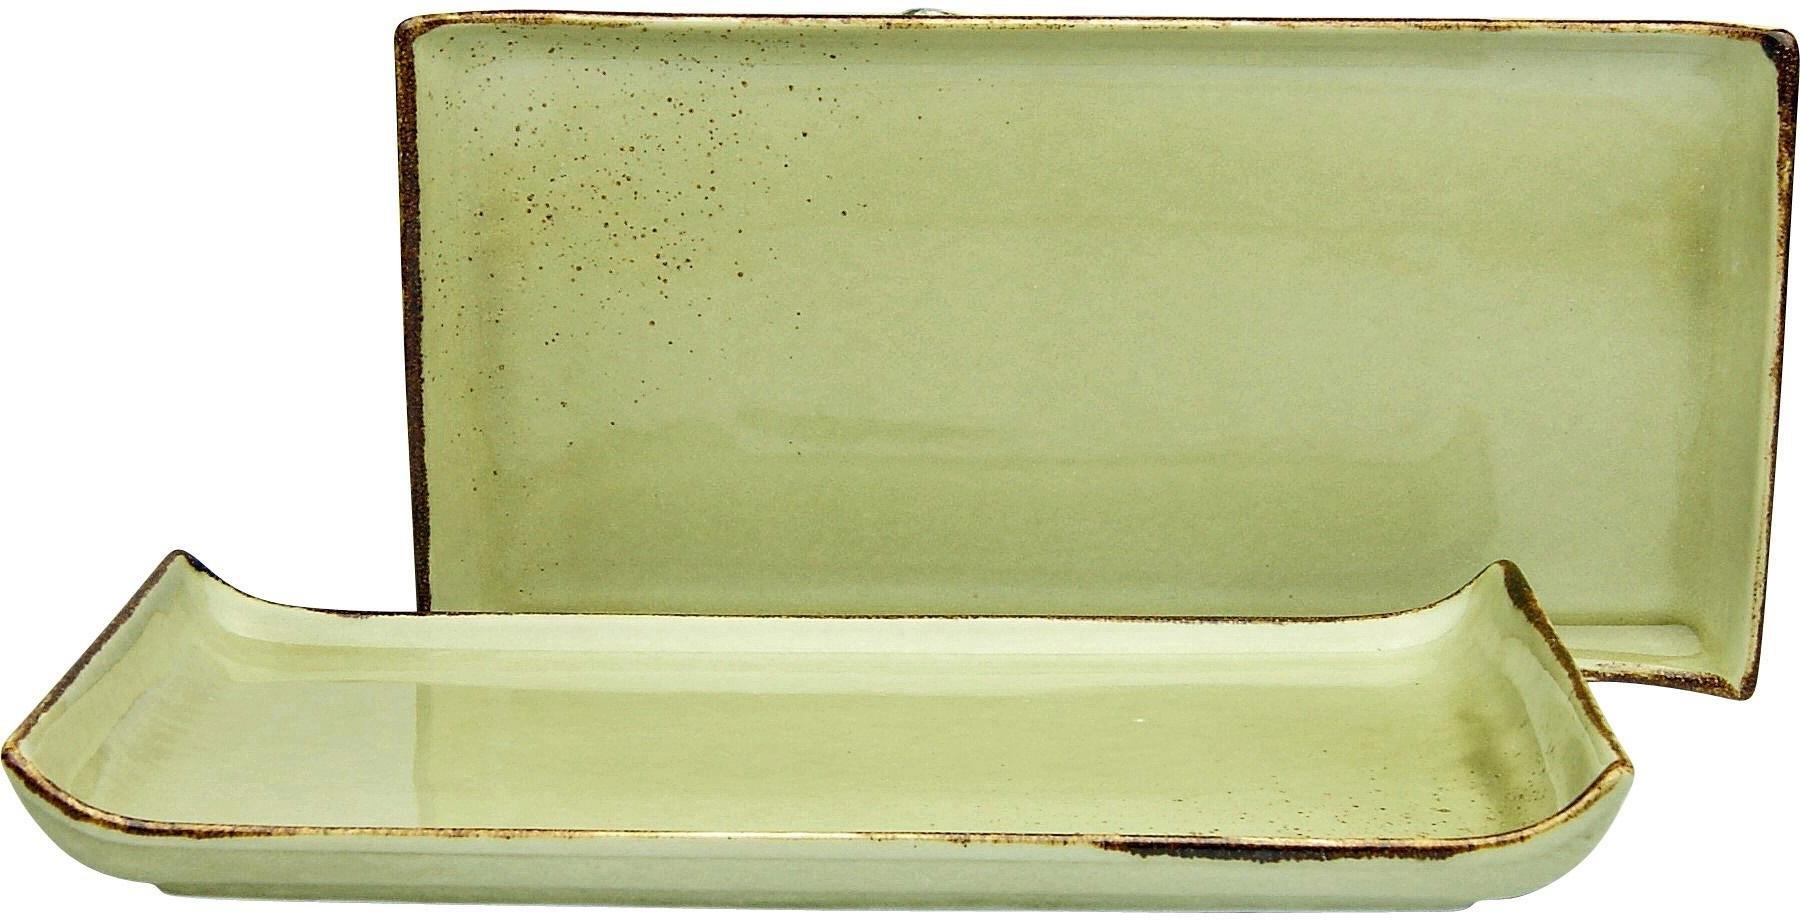 CreaTable serveerblad 'Nature Collection', aardewerk (1-delig) bestellen: 30 dagen bedenktijd